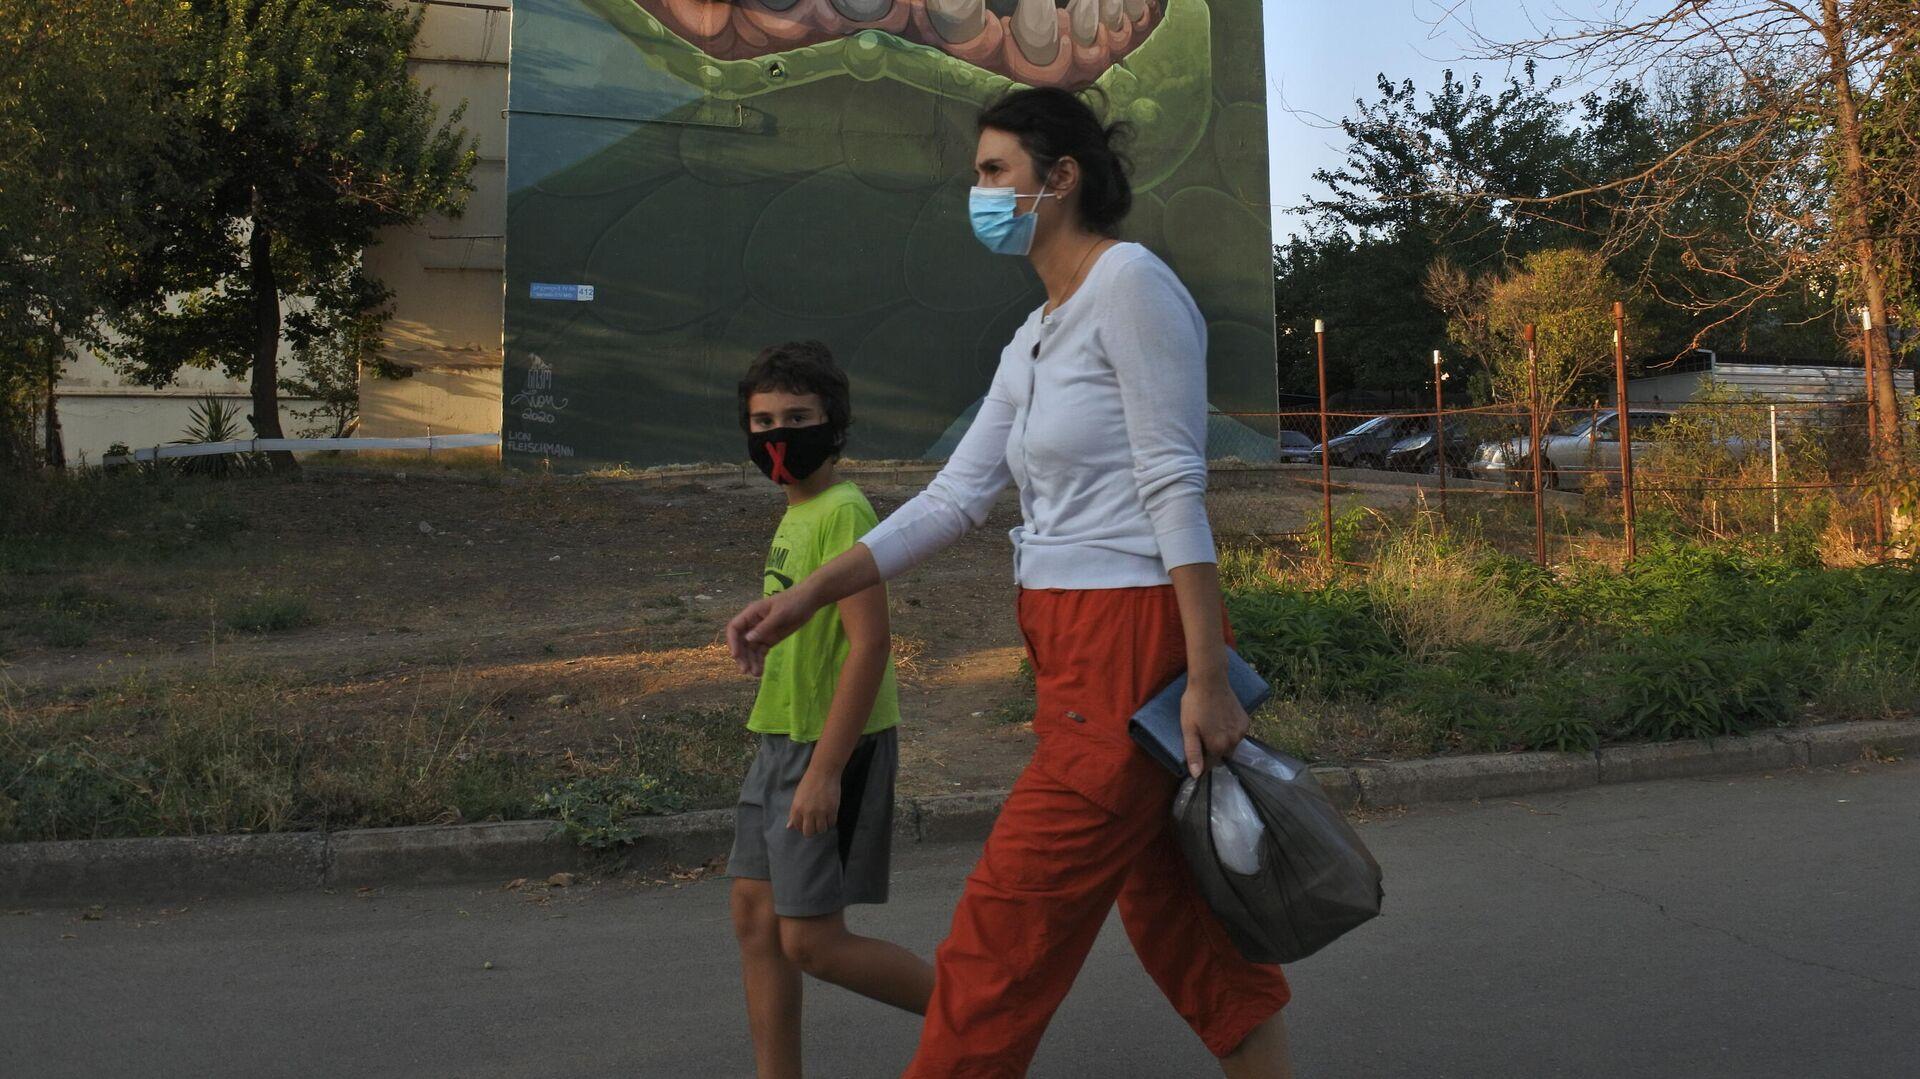 Эпидемия коронавируса - люди в масках - Sputnik Грузия, 1920, 24.09.2021